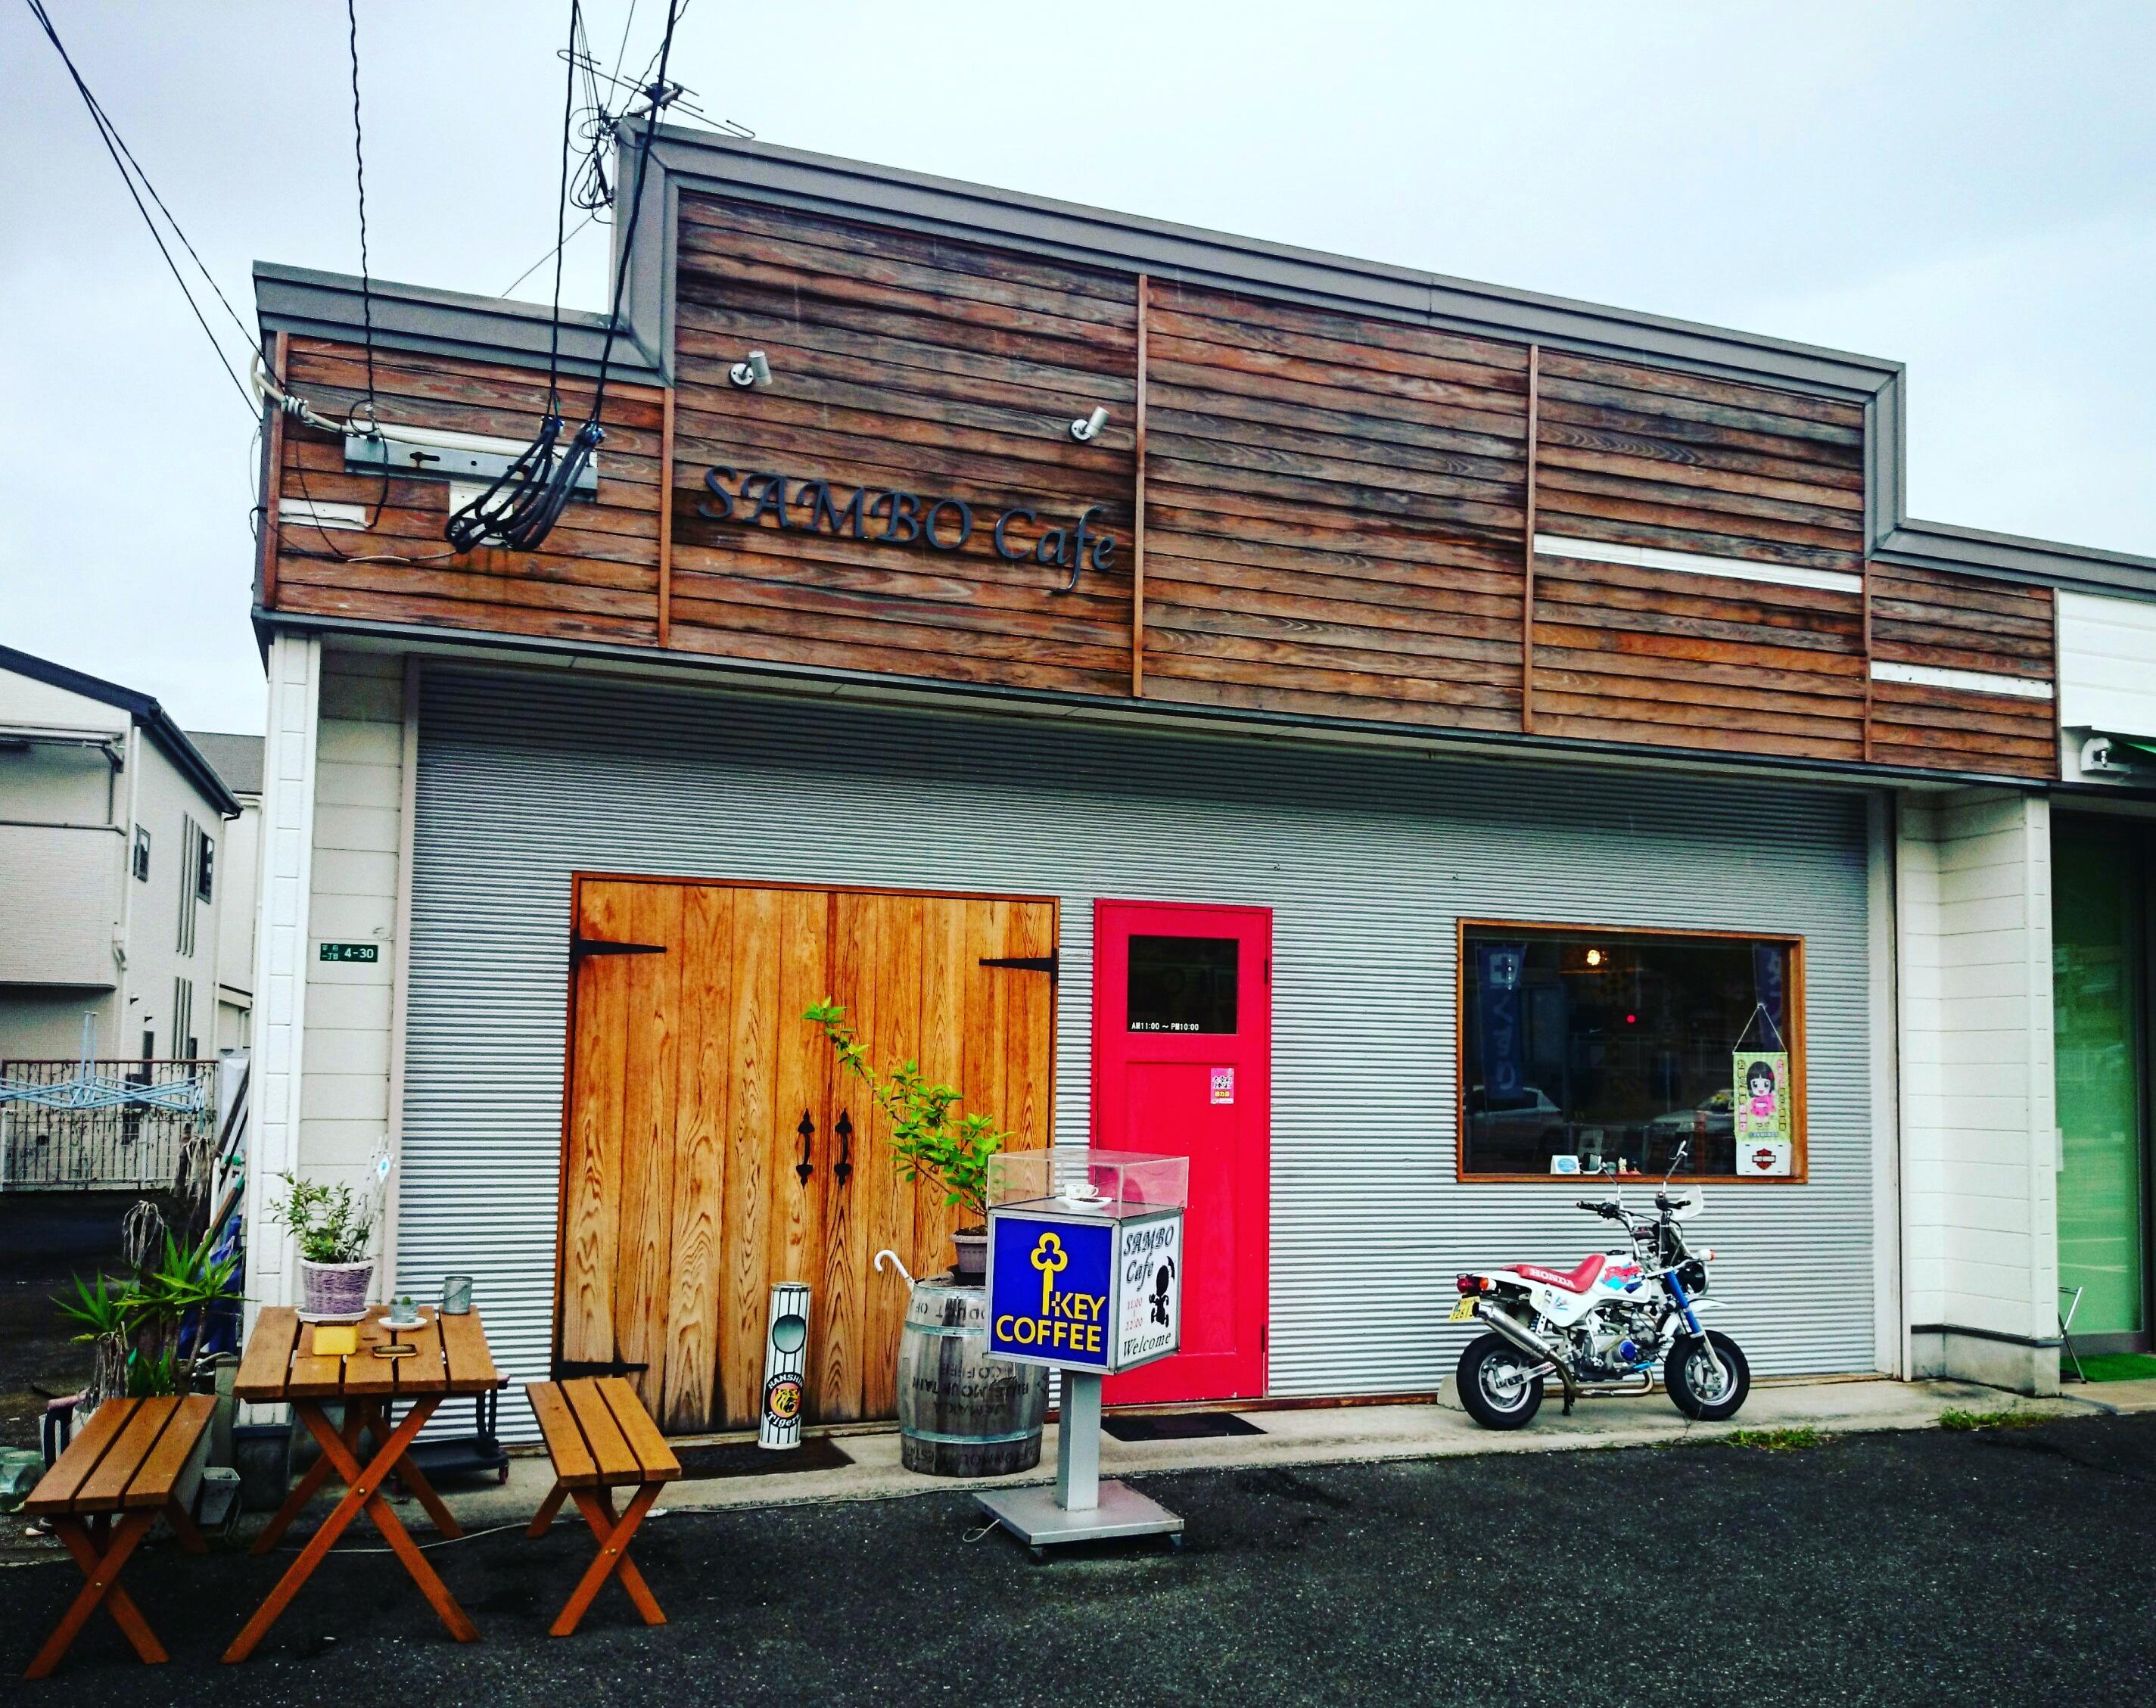 福岡県太宰府市のライダーズカフェ・SAMBO cafe/コーヒーがすごい!